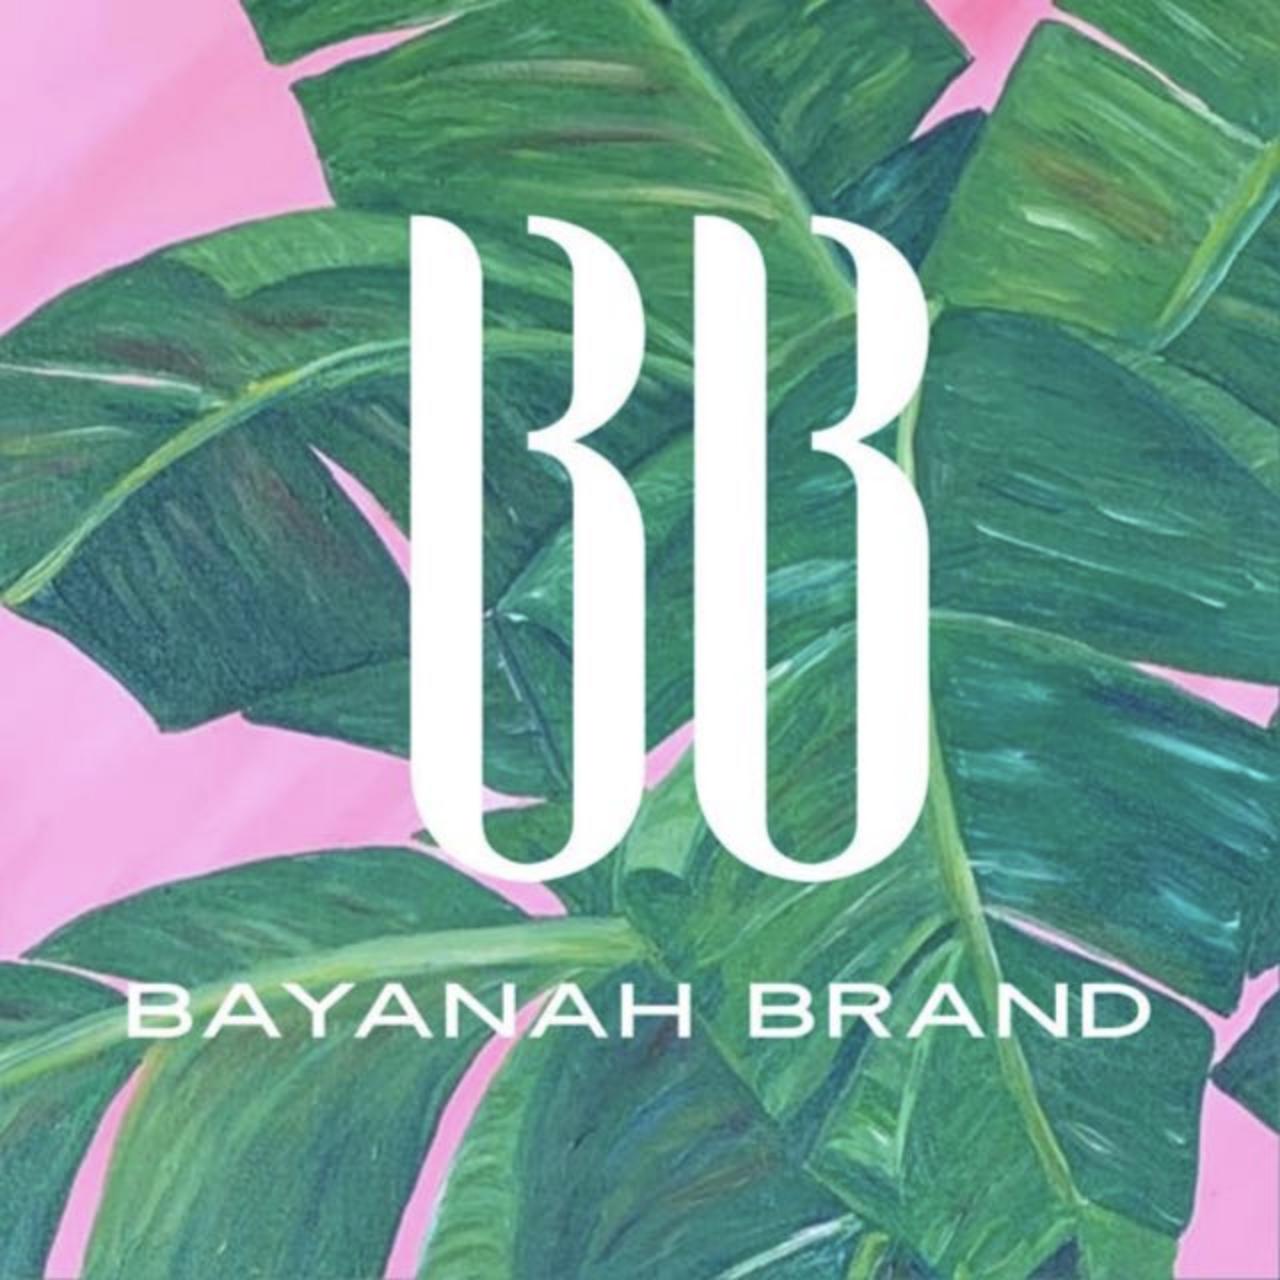 Bayanah Brand